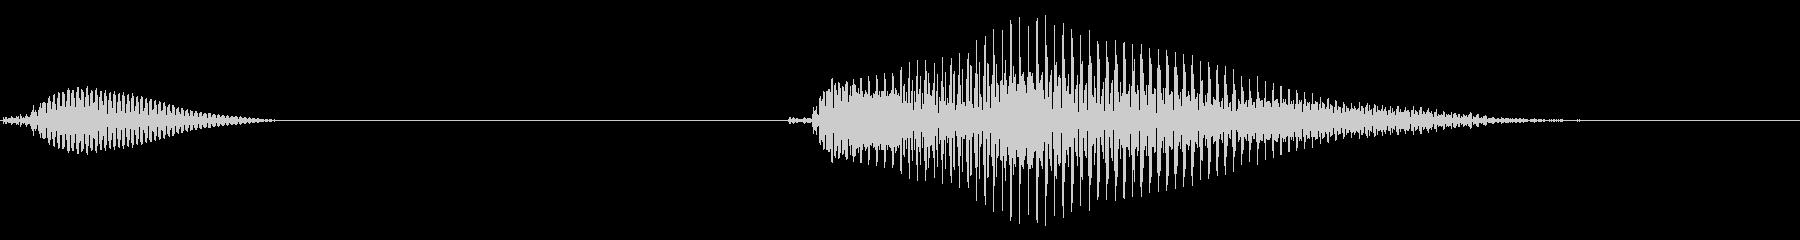 いたっ【子供のダメージボイス、悲鳴】の未再生の波形